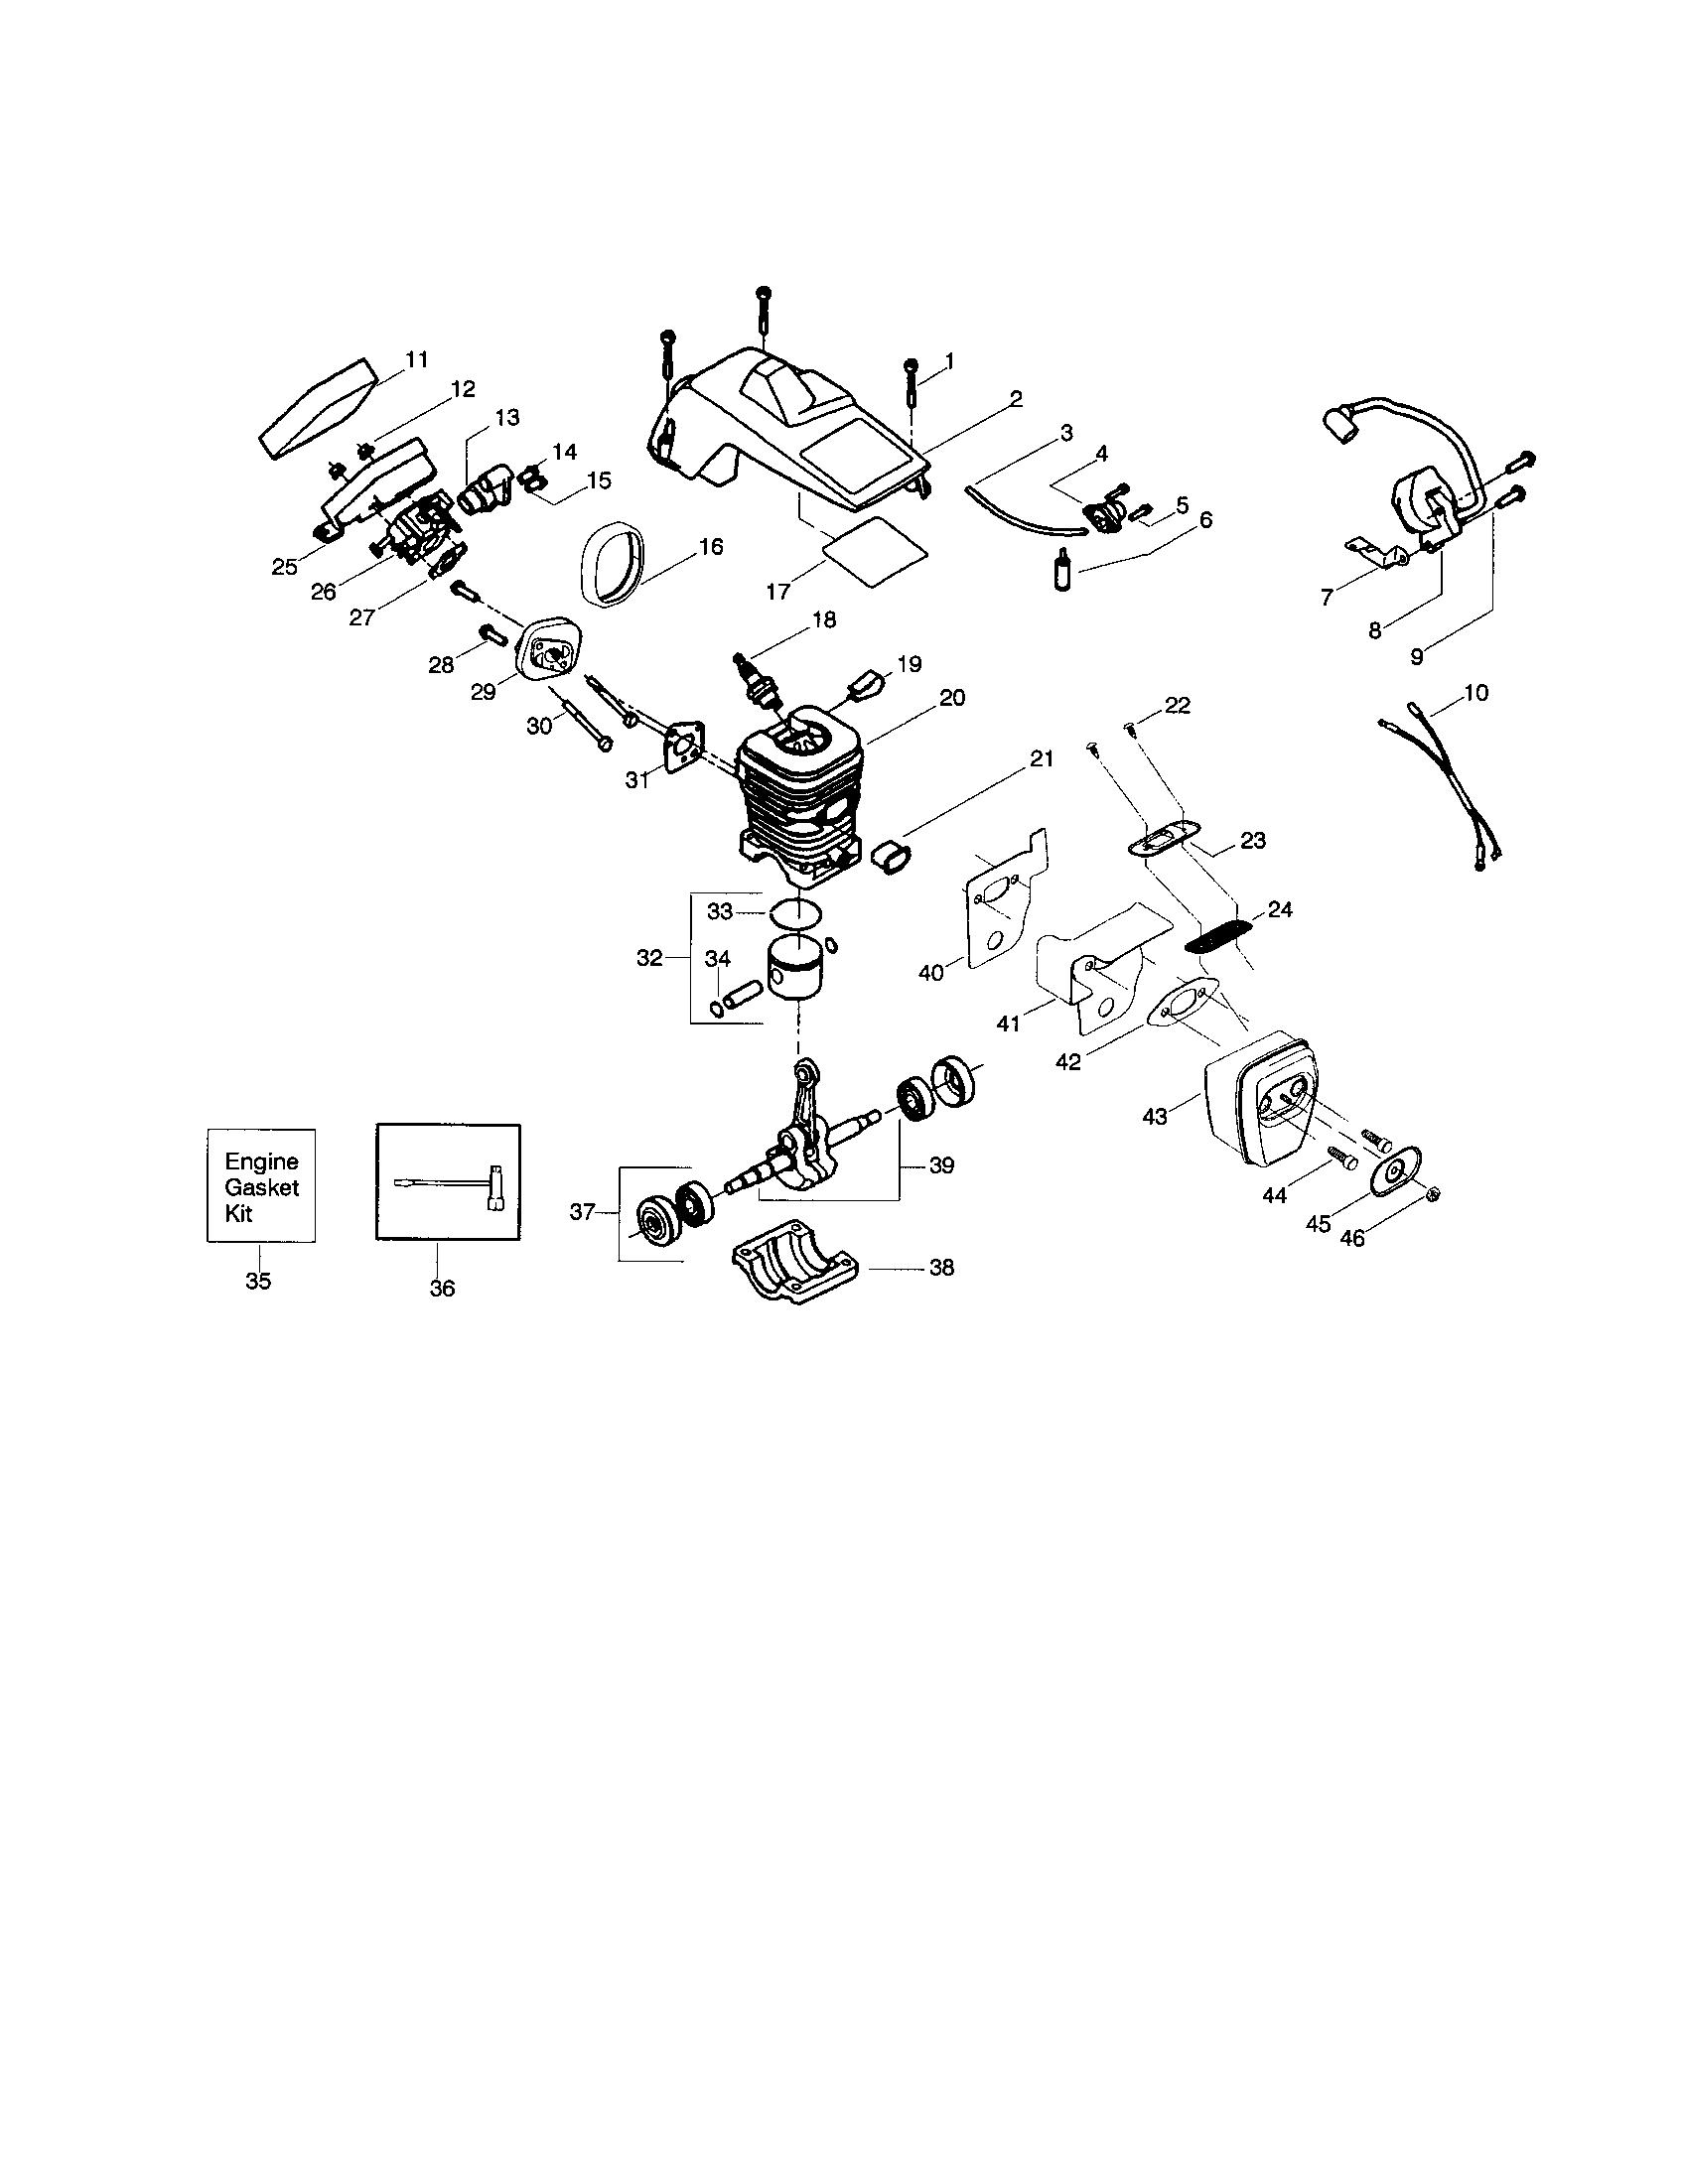 Craftsman 36cc Chainsaw Parts. Craftsman. Tractor Engine